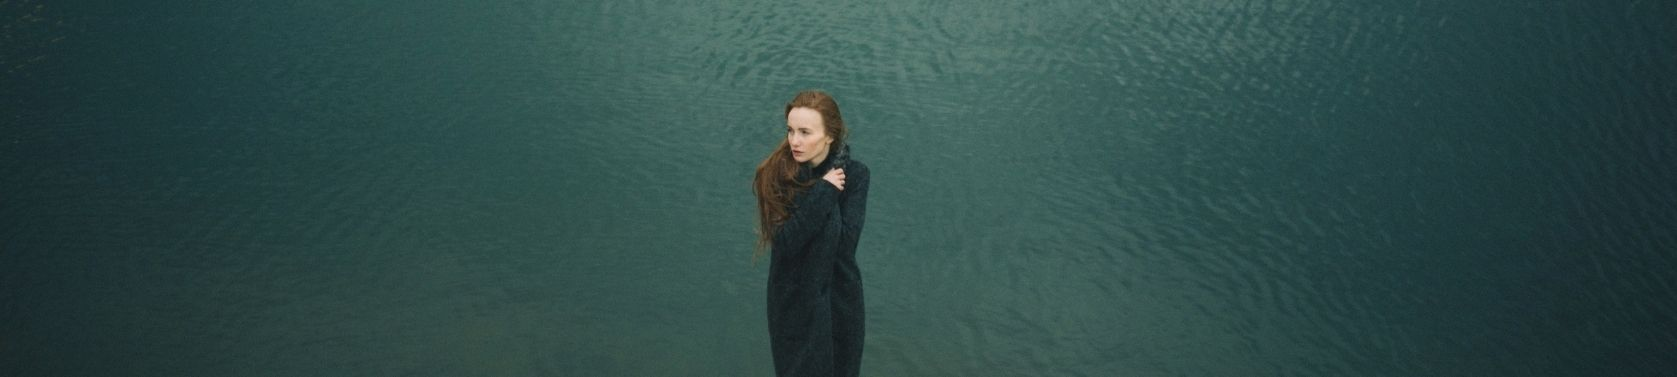 Winterdepression - 5 Tipps, die wirklich helfen